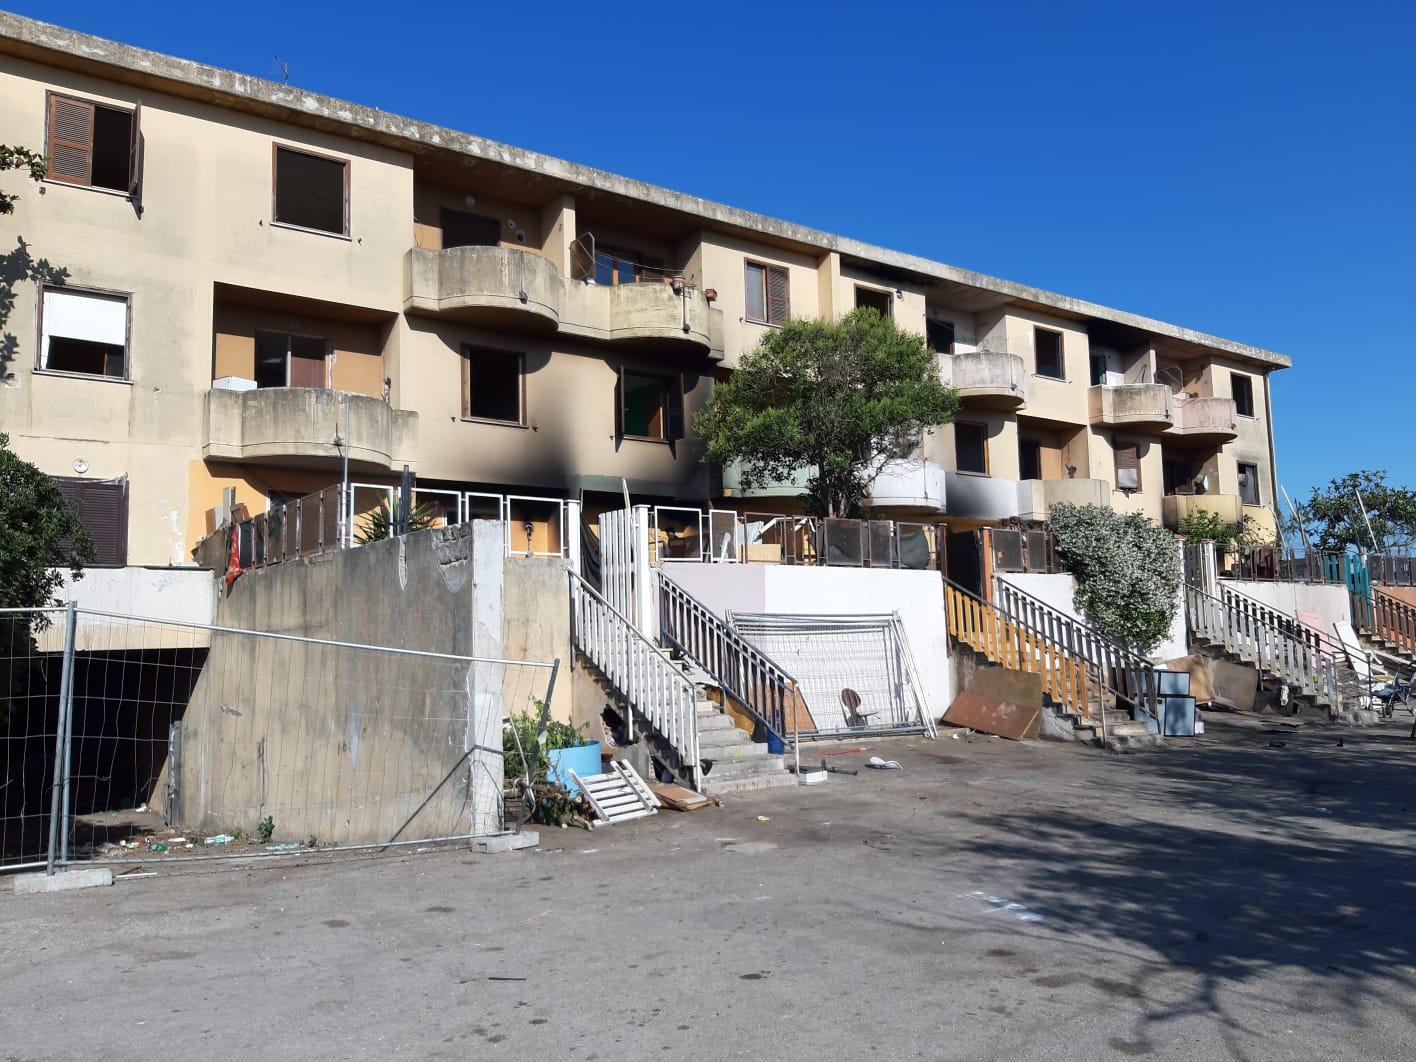 Ardea, al via le demolizioni a Le Salzare (VIDEO) 1